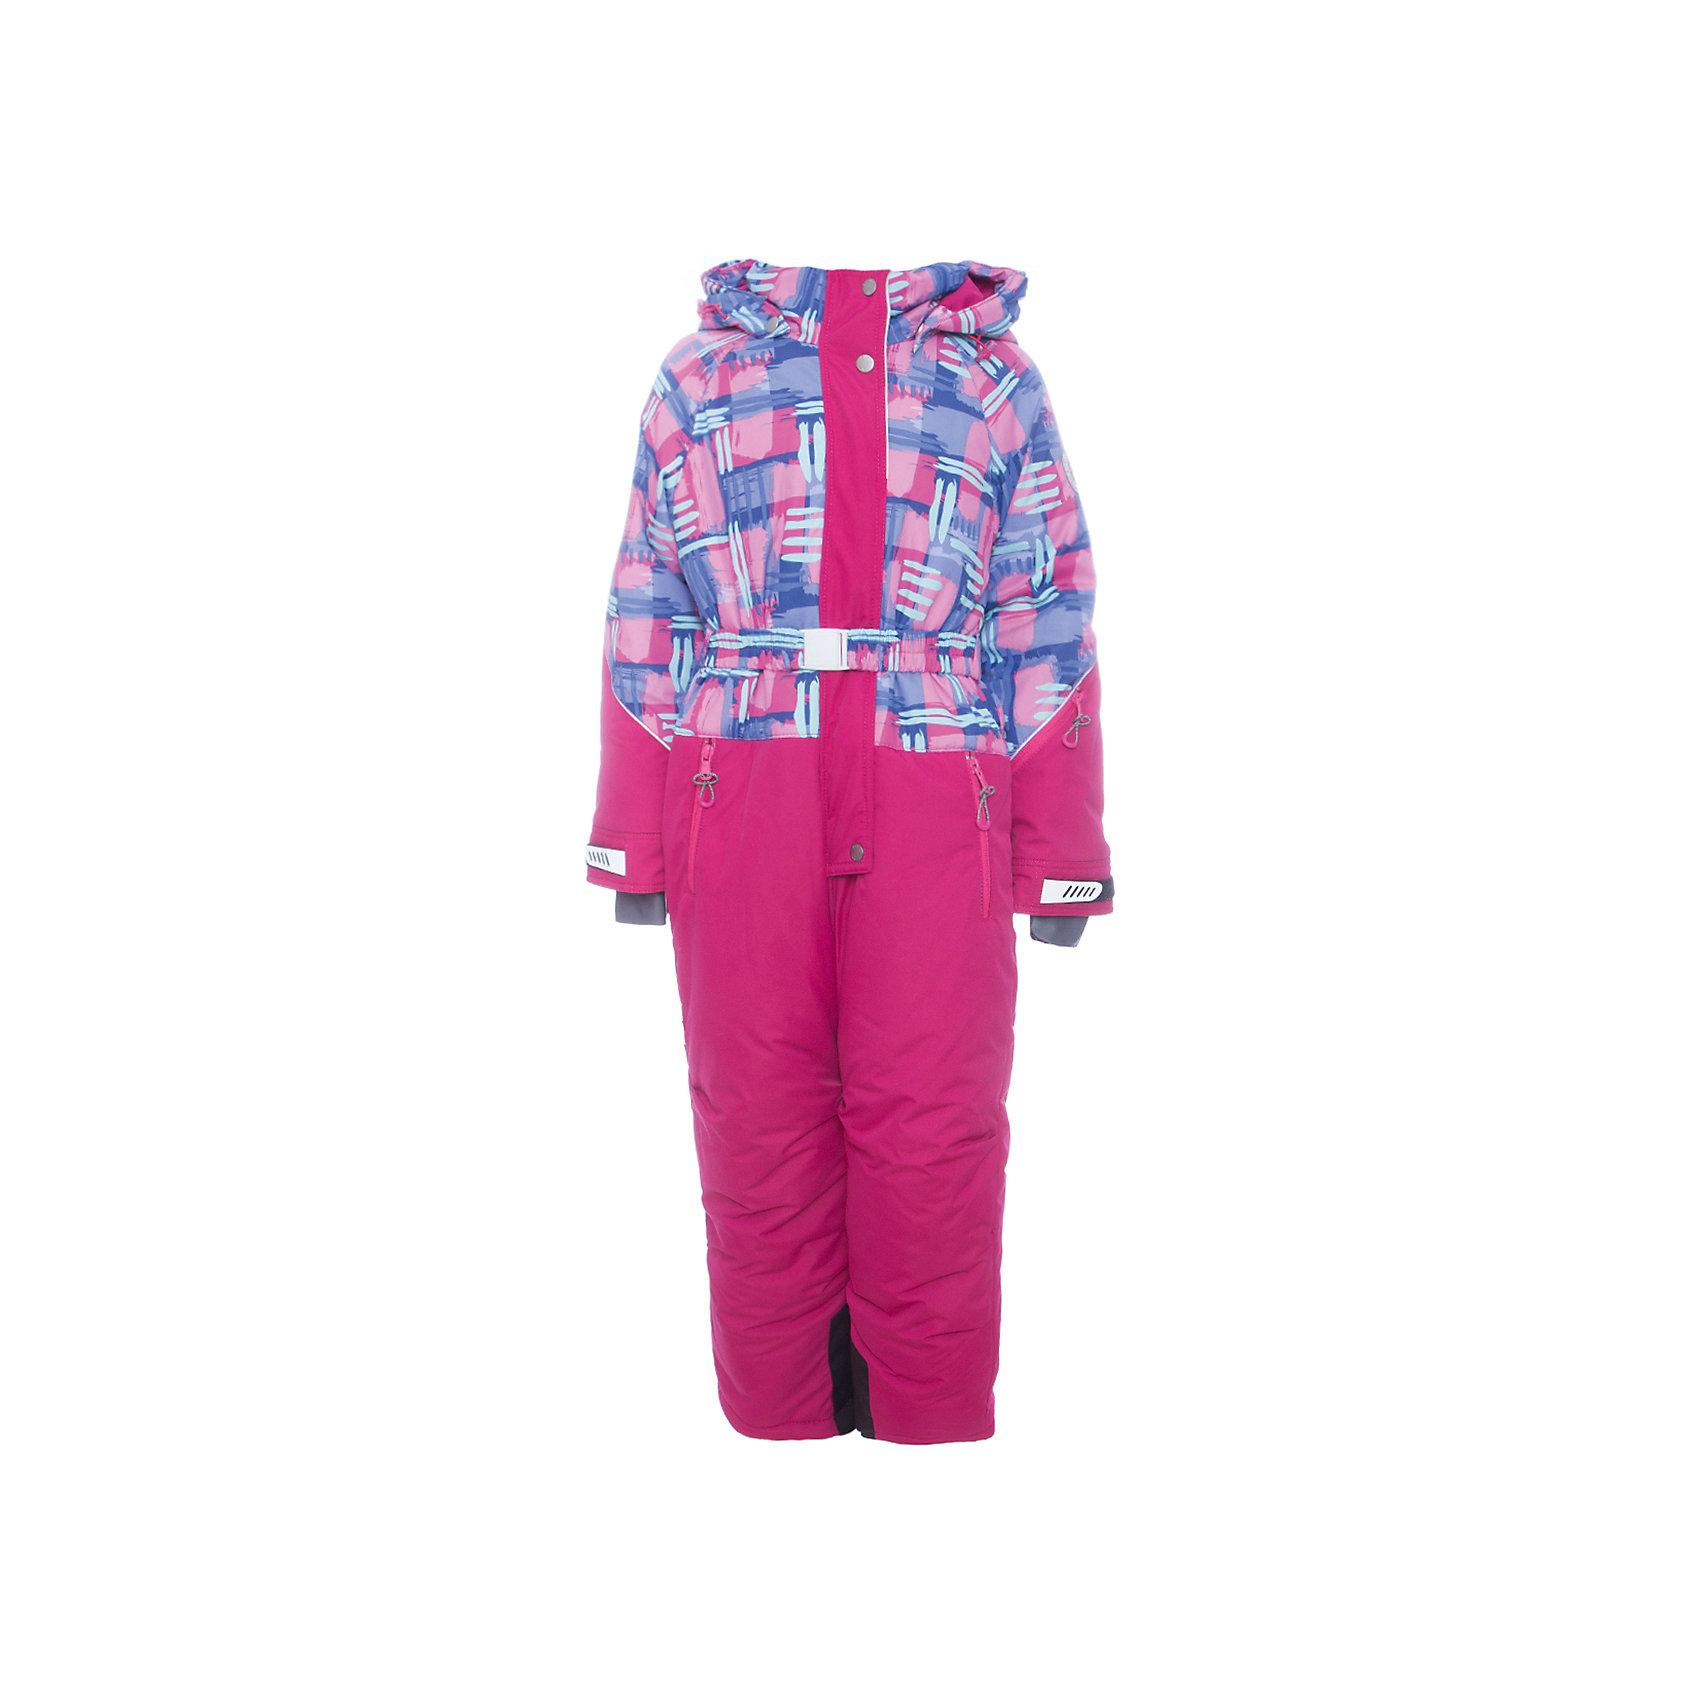 Комбинезон Надя Batik для девочкиВерхняя одежда<br>Характеристики товара:<br><br>• цвет: розовый<br>• состав ткани: таслан<br>• подкладка: поларфлис<br>• утеплитель: слайтекс<br>• сезон: зима<br>• мембранное покрытие<br>• температурный режим: от -35 до 0<br>• водонепроницаемость: 5000 мм <br>• паропроницаемость: 5000 г/м2<br>• плотность утеплителя: 300 г/м2<br>• застежка: молния<br>• капюшон: съемный, без меха<br>• краги<br>• износостойкие вставки на брючинах<br>• страна бренда: Россия<br>• страна изготовитель: Россия<br><br>Материал детского комбинезона надежно защитит от непогоды и мороза благодаря мембранной технологии и качественному утеплителю. Подкладка зимнего комбинезона для девочки сделана из мягкого поларфлис. Детский зимний комбинезон дополнен капюшоном, плясом и удобной молнией с ветрозащитной планкой. Детский комбинезон декорирован принтом.<br><br>Комбинезон Надя Batik (Батик) для девочки можно купить в нашем интернет-магазине.<br><br>Ширина мм: 356<br>Глубина мм: 10<br>Высота мм: 245<br>Вес г: 519<br>Цвет: розовый<br>Возраст от месяцев: 72<br>Возраст до месяцев: 84<br>Пол: Женский<br>Возраст: Детский<br>Размер: 122,104,110,116<br>SKU: 7028116